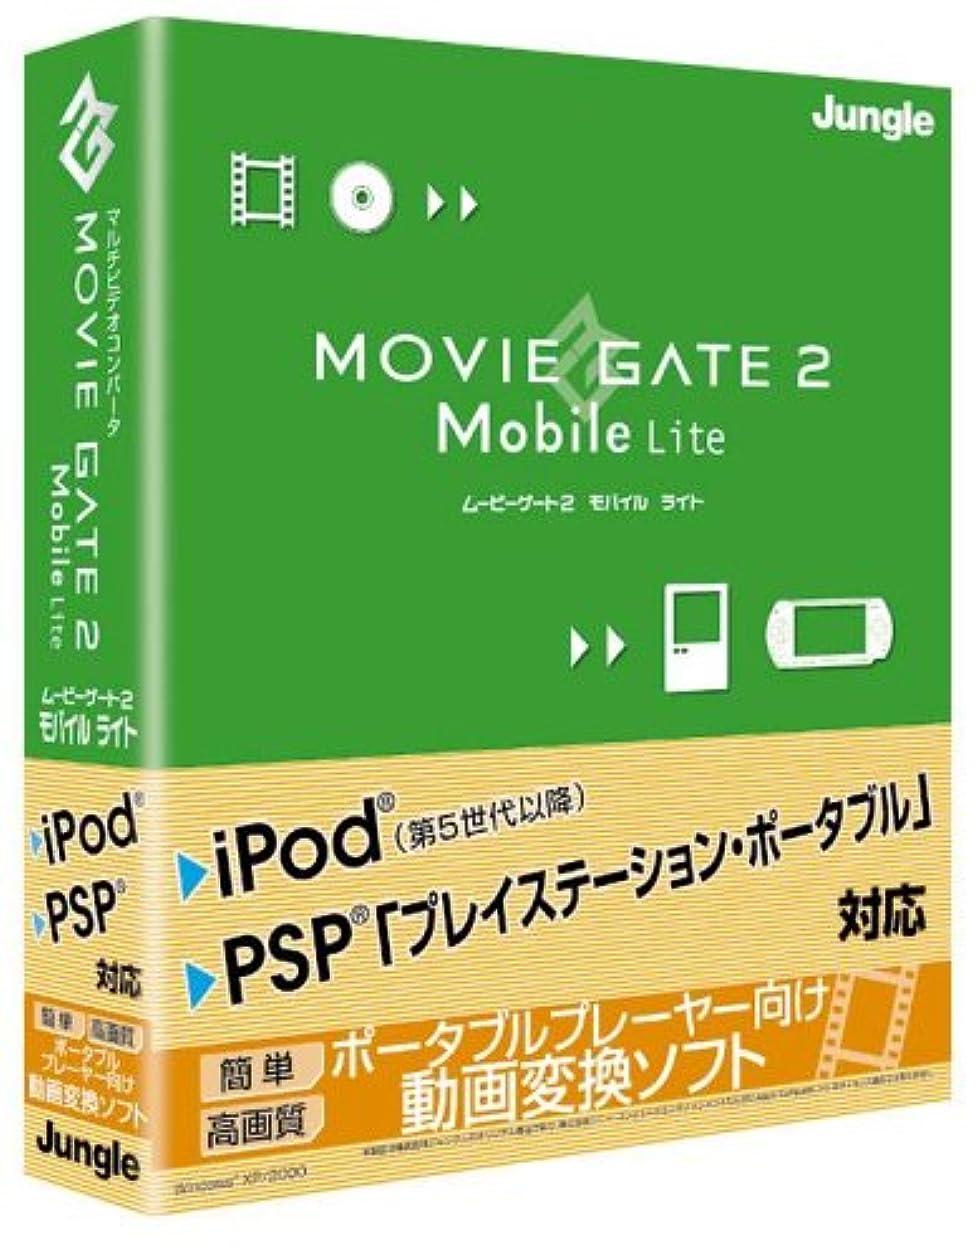 咲くホイスト合図Movie Gate 2 Mobile Lite